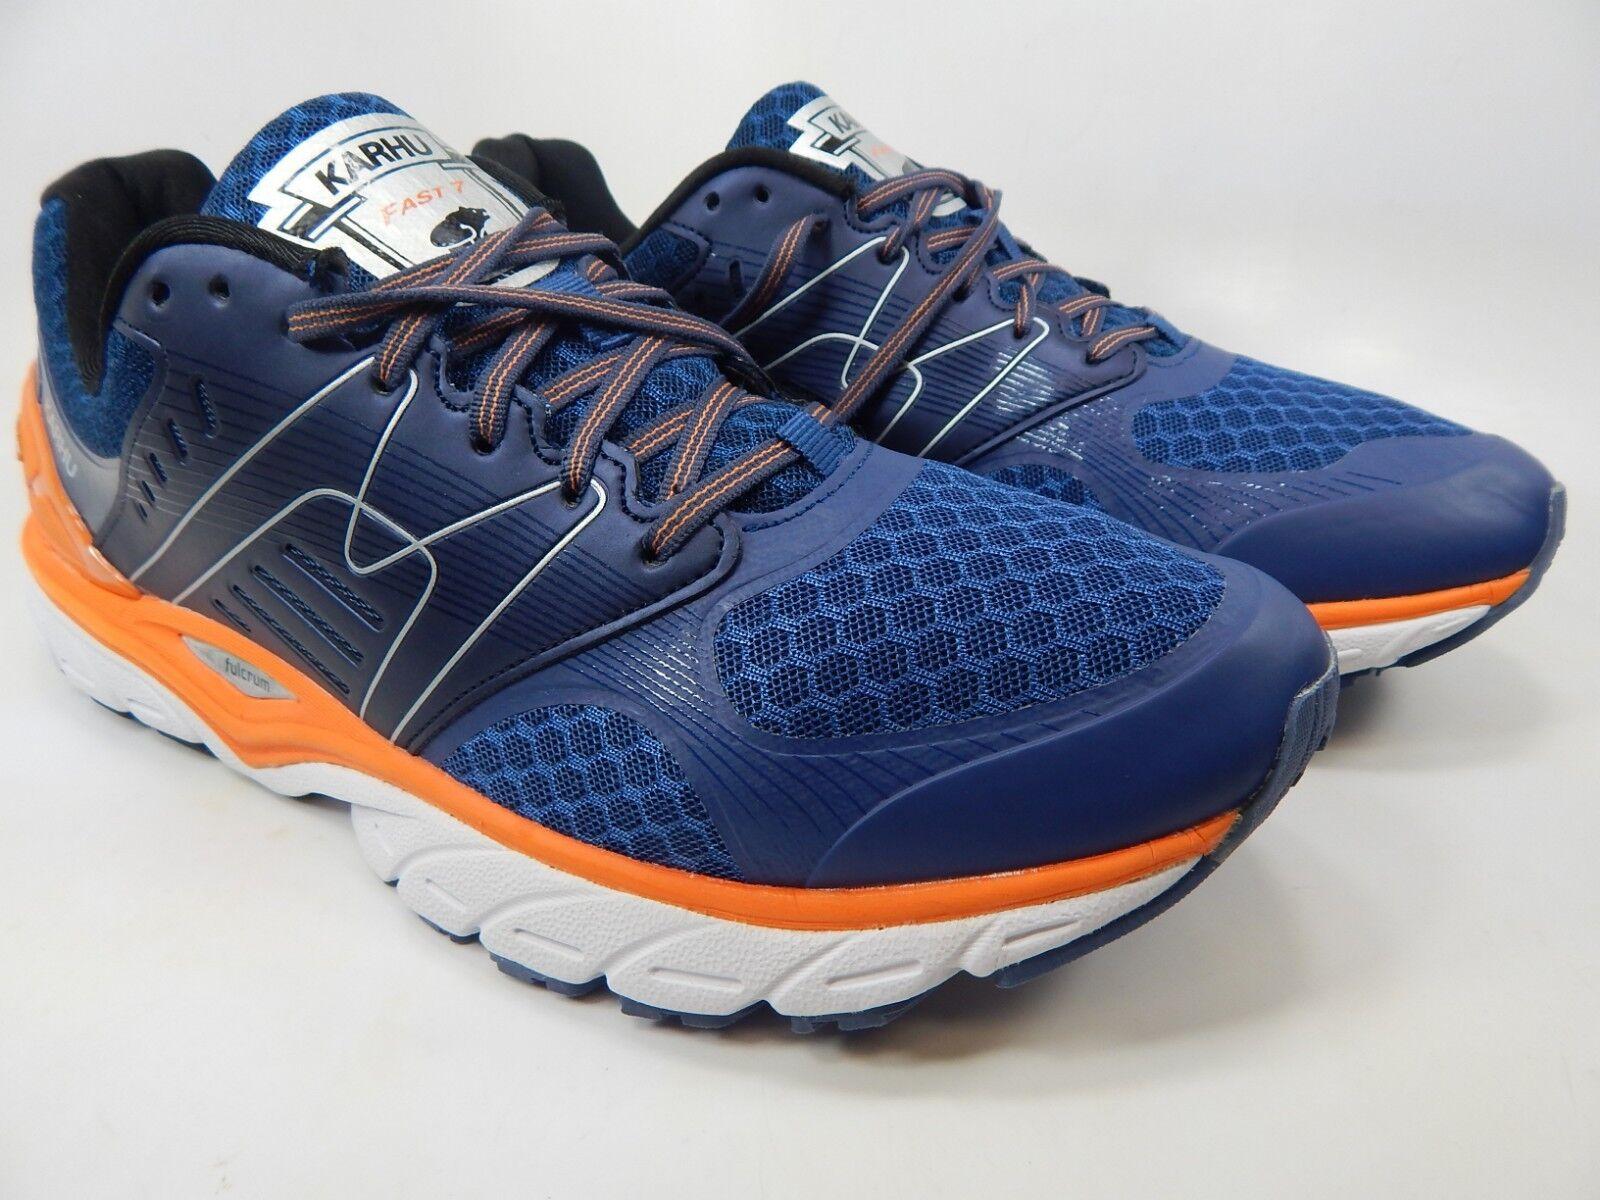 KARHU Fast 7 MRE tamaño nos 11.5 m (D) Para hombres Zapatos para Correr Azul Naranja